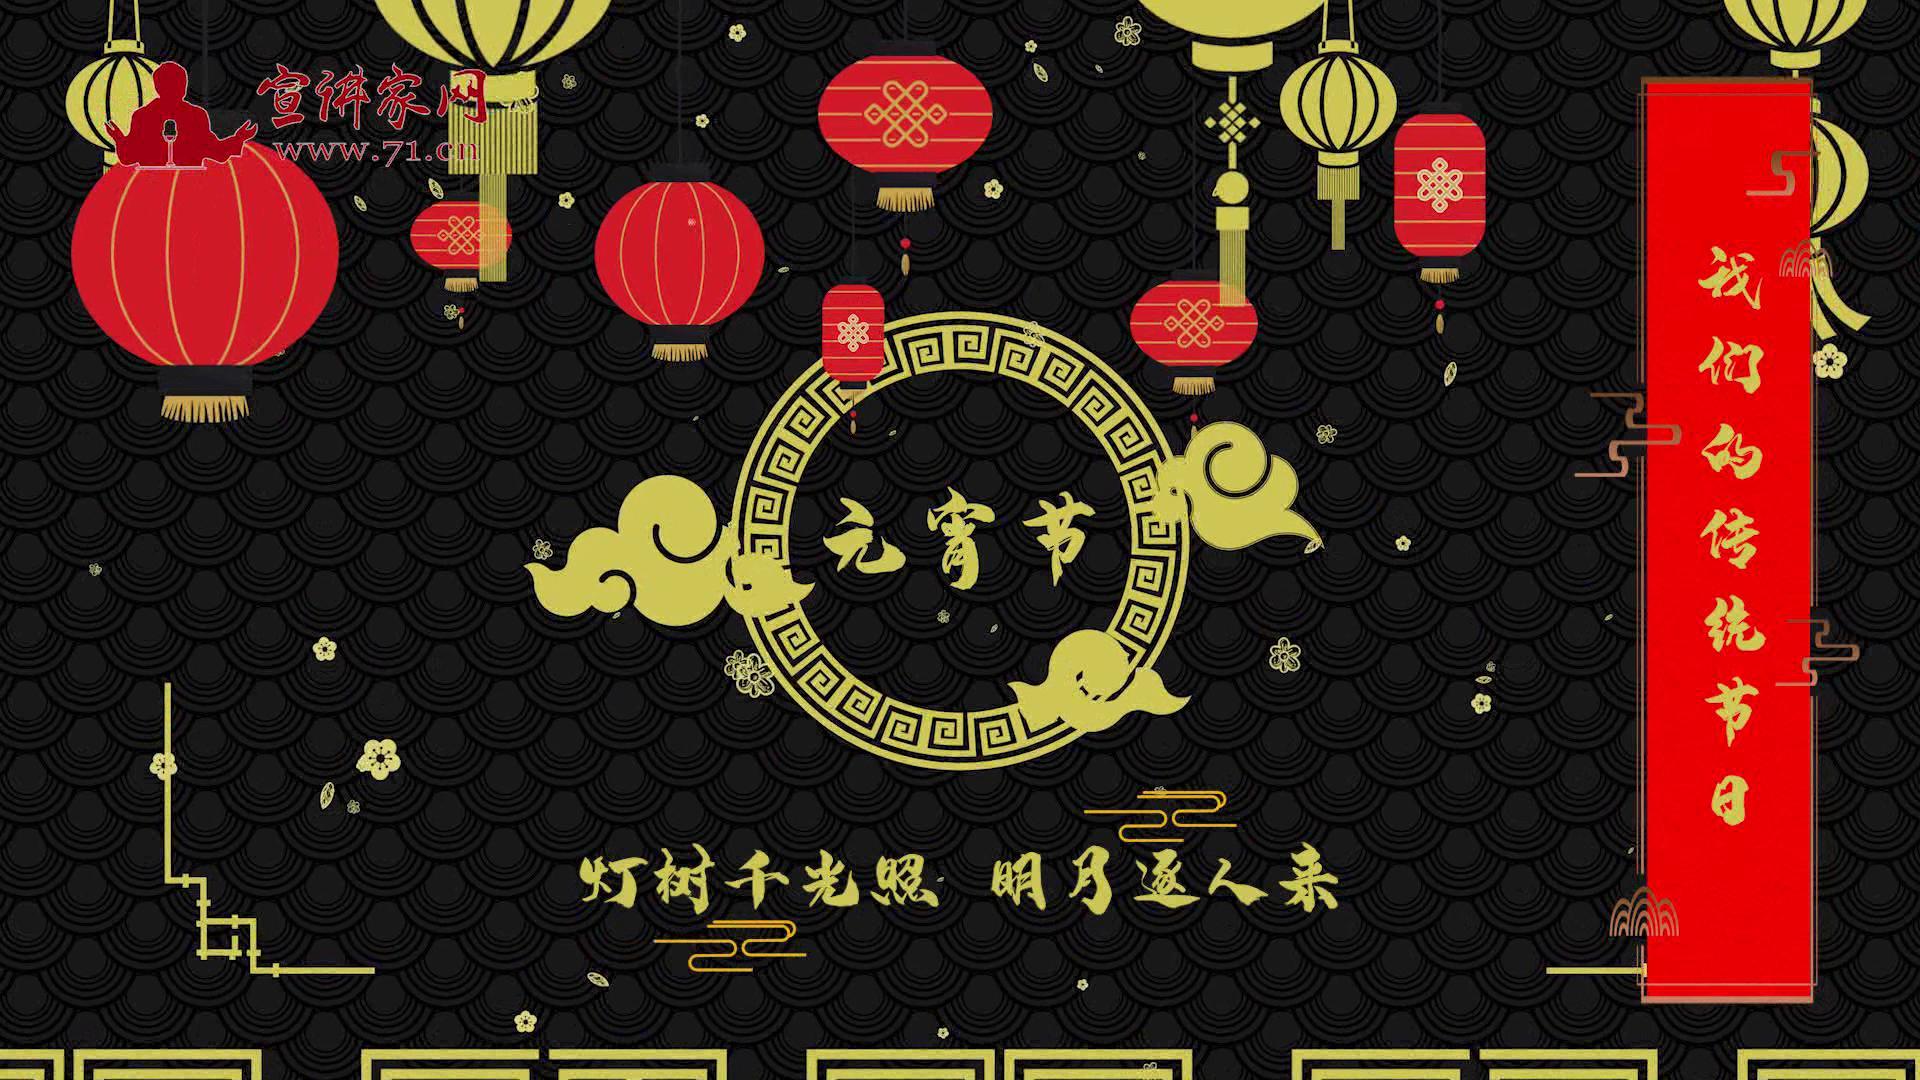 【我们的传统节日】元宵节:灯树千光照 明月逐人来